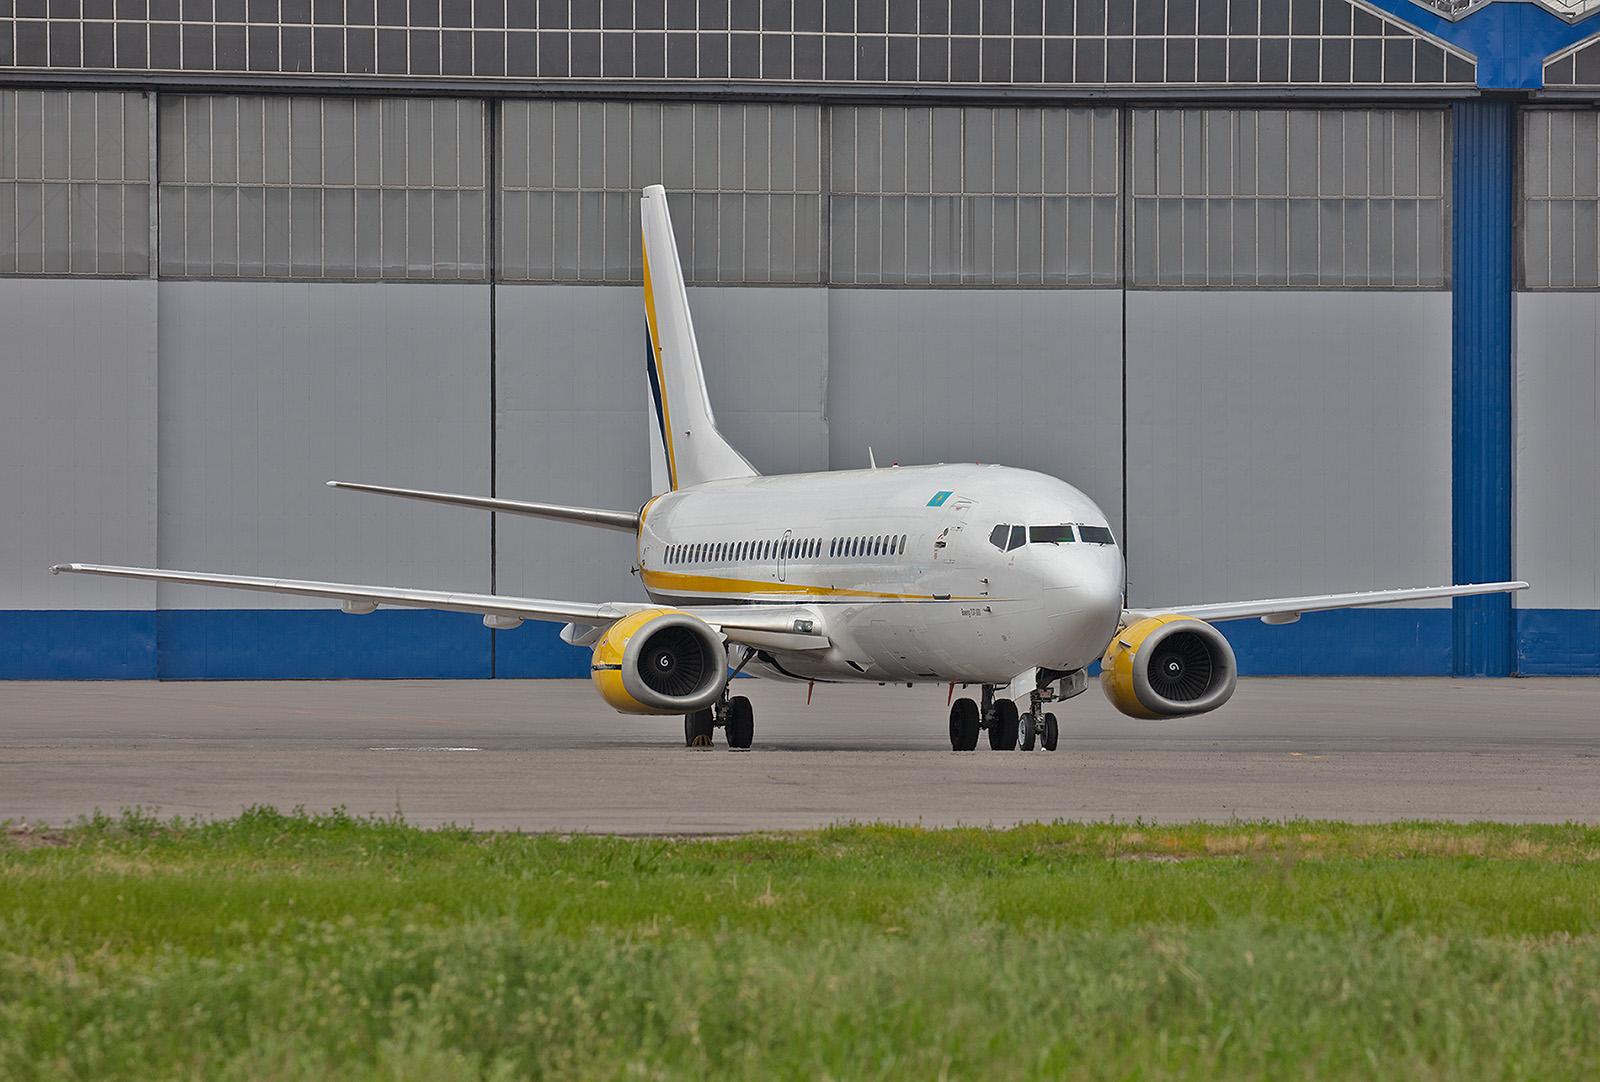 Eine der Boeing 737 der Sunkar Air. Die Airline betreibt neben vier dieser Boeing auch Businessjets.